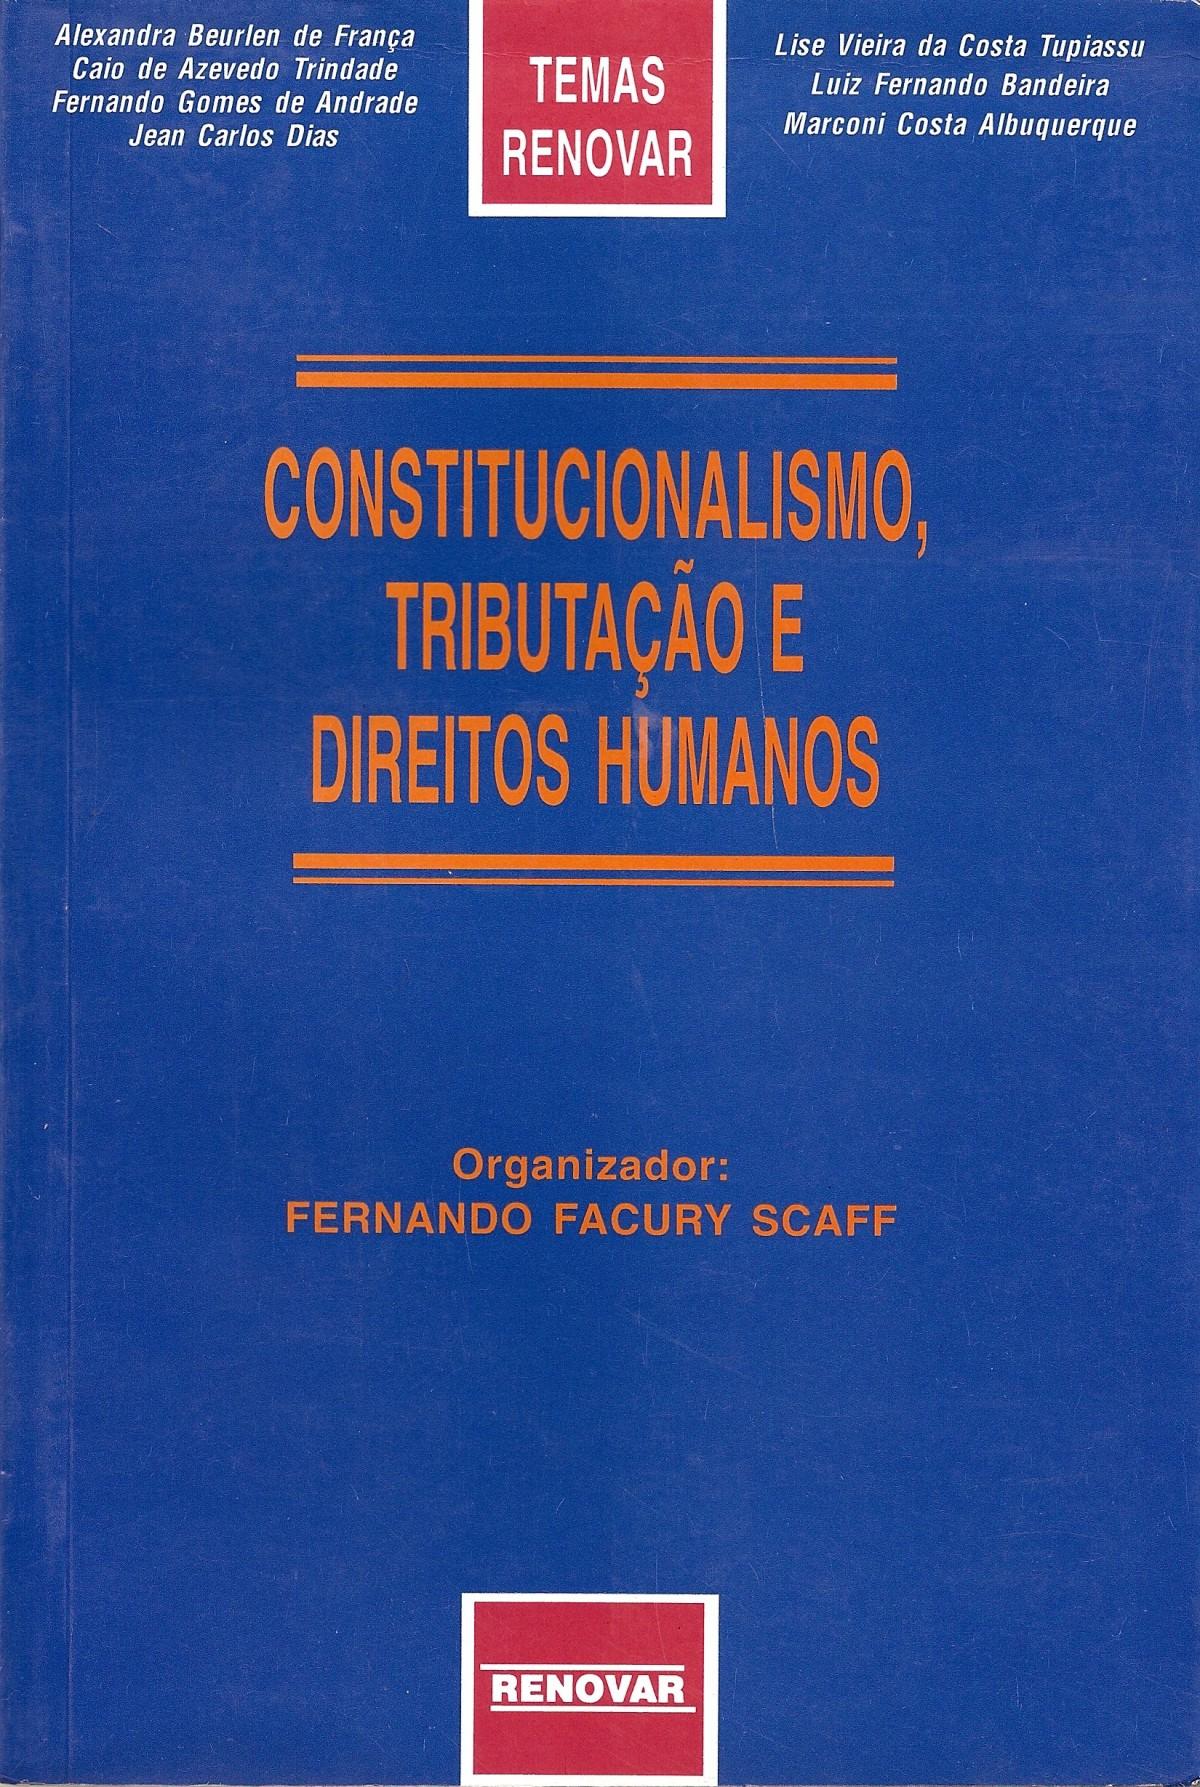 Foto 1 - Constitucionalismo, Tributação e Direitos Humanos